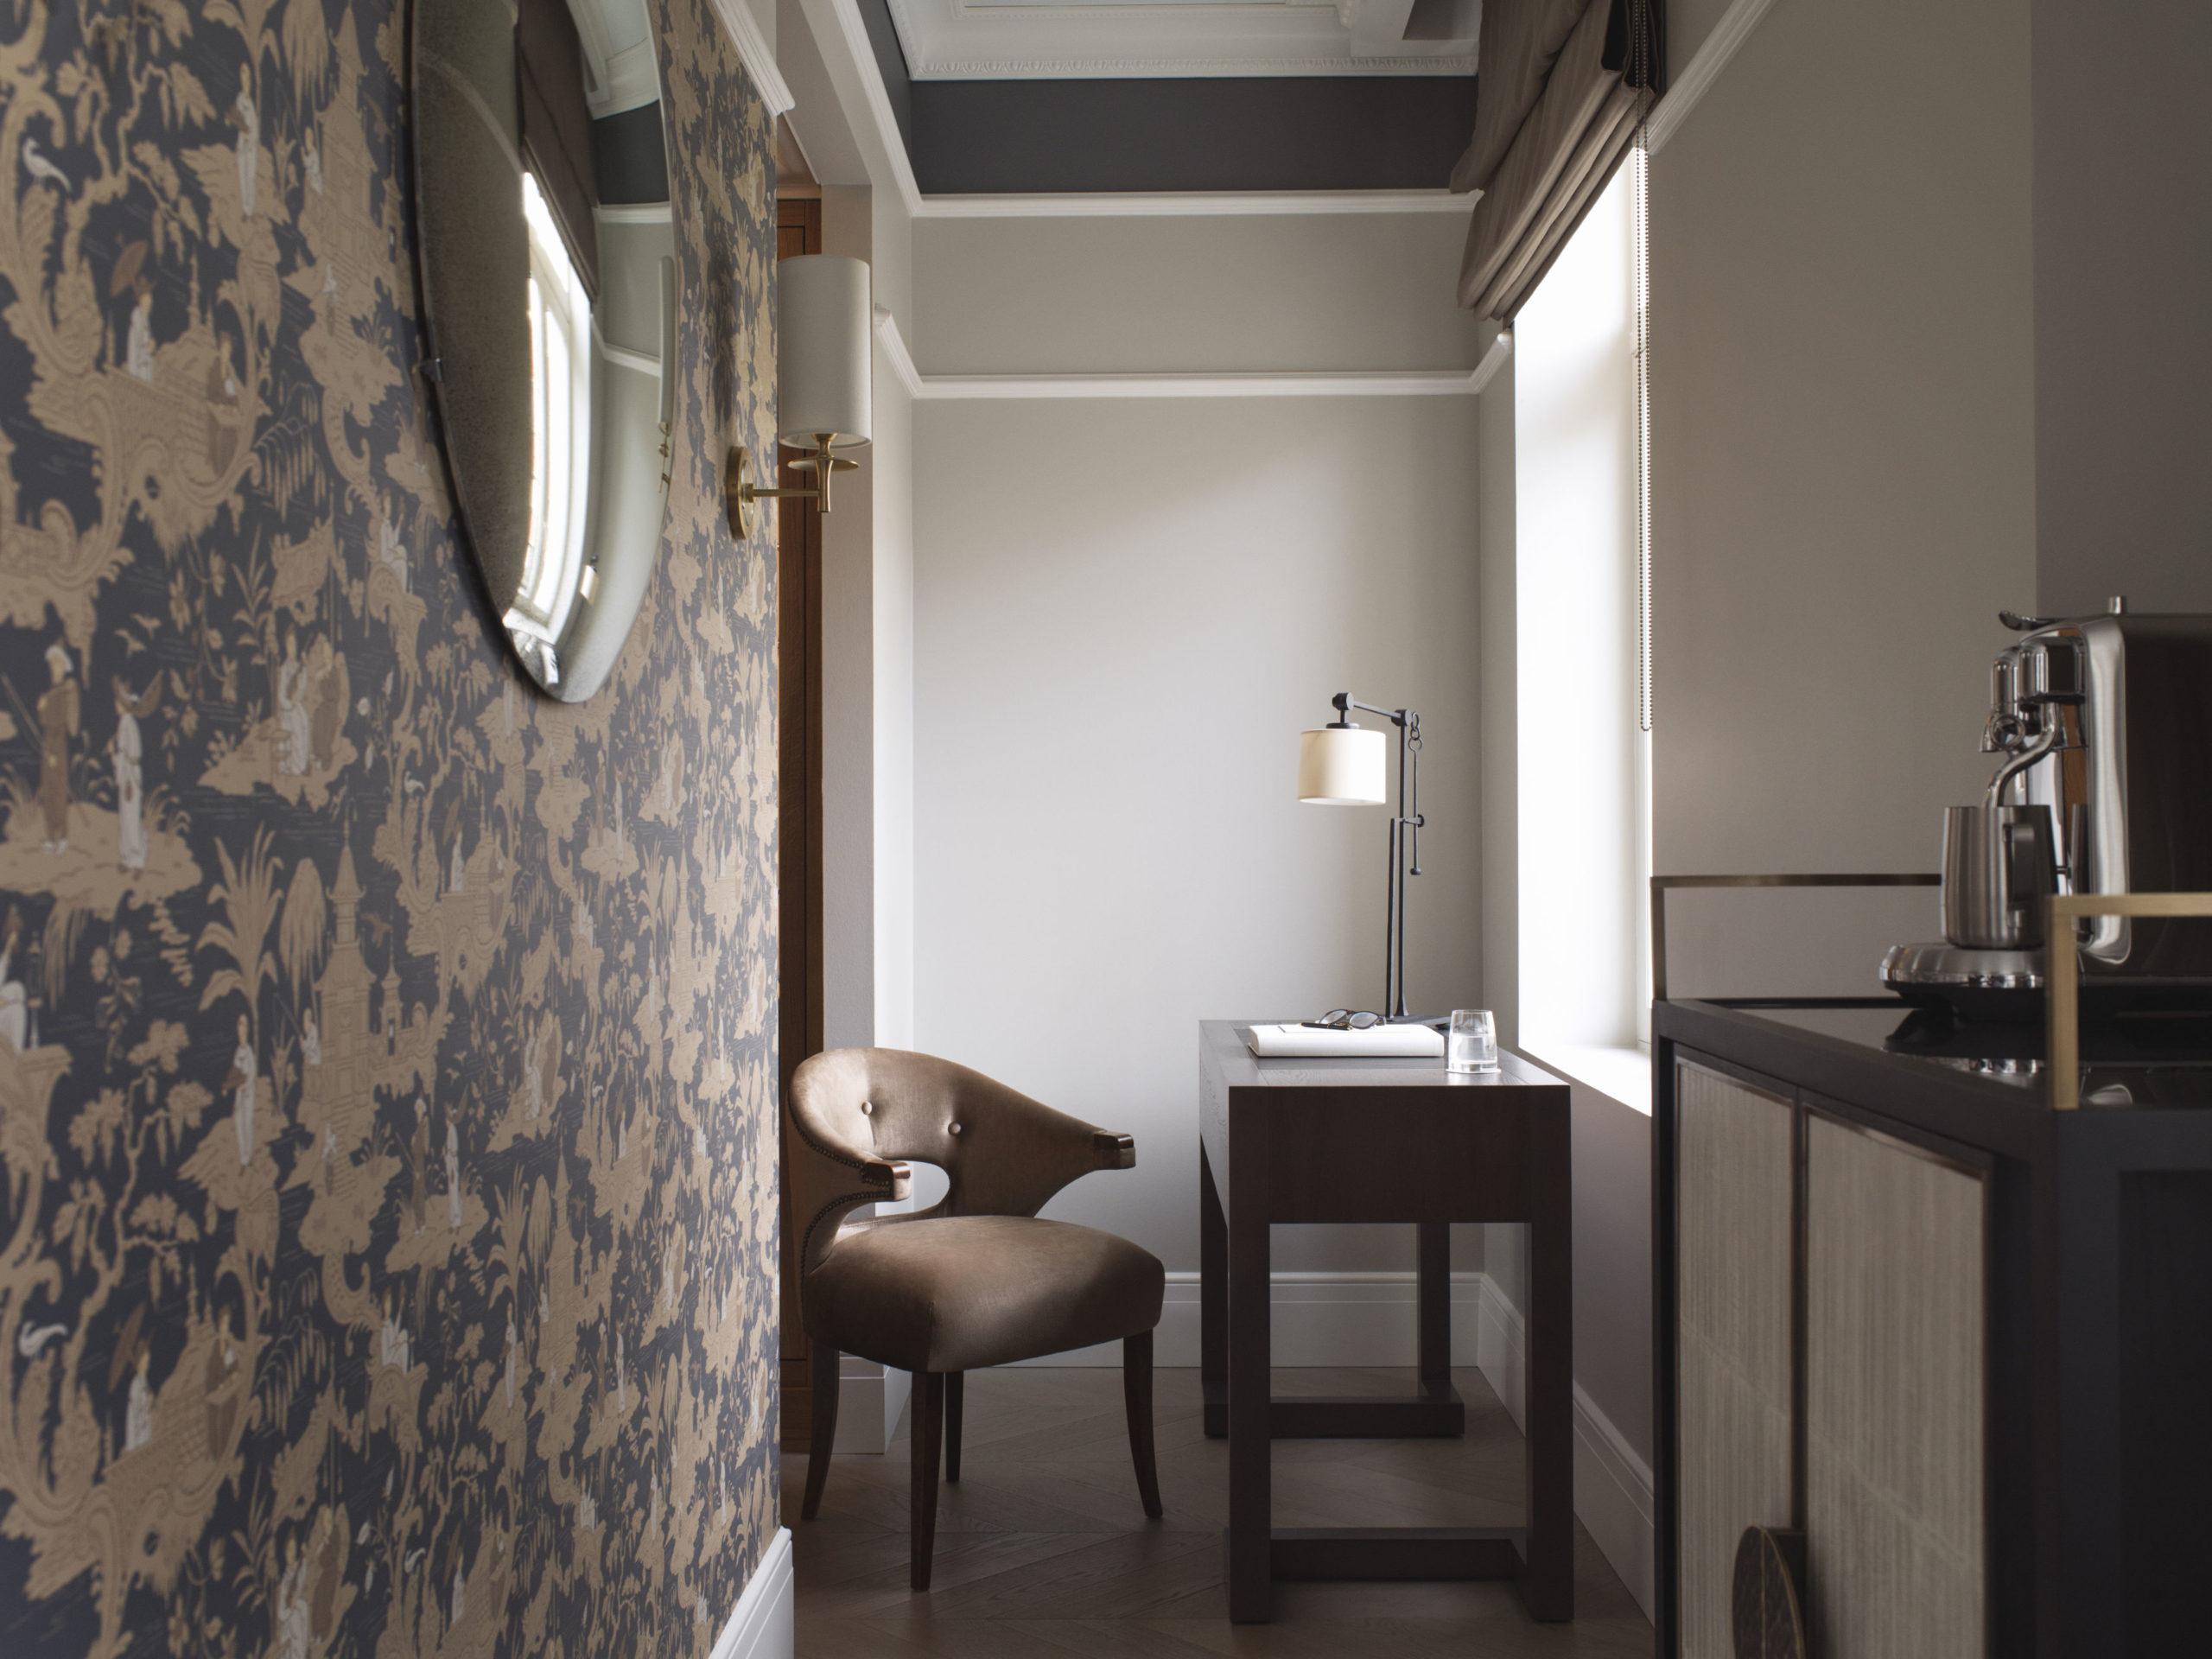 junior suite at Britannia Hotel